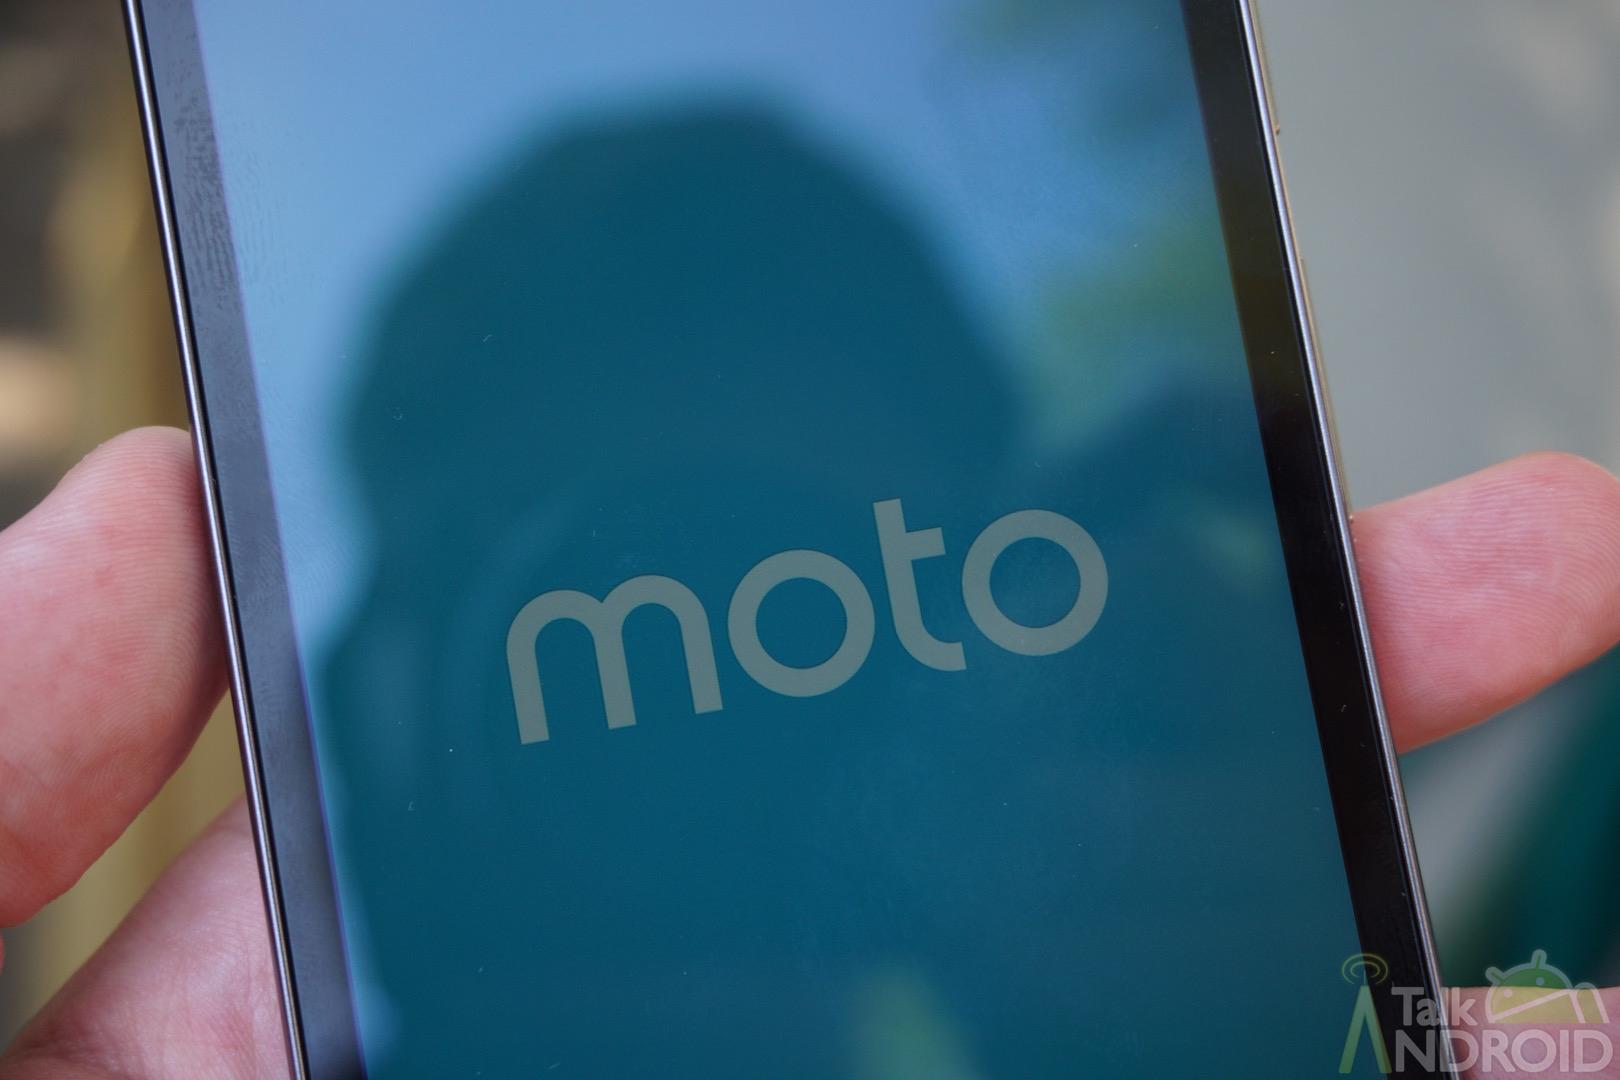 Moto G5 Plus: Nova imagem vazada mostra como será o seu painel traseiro